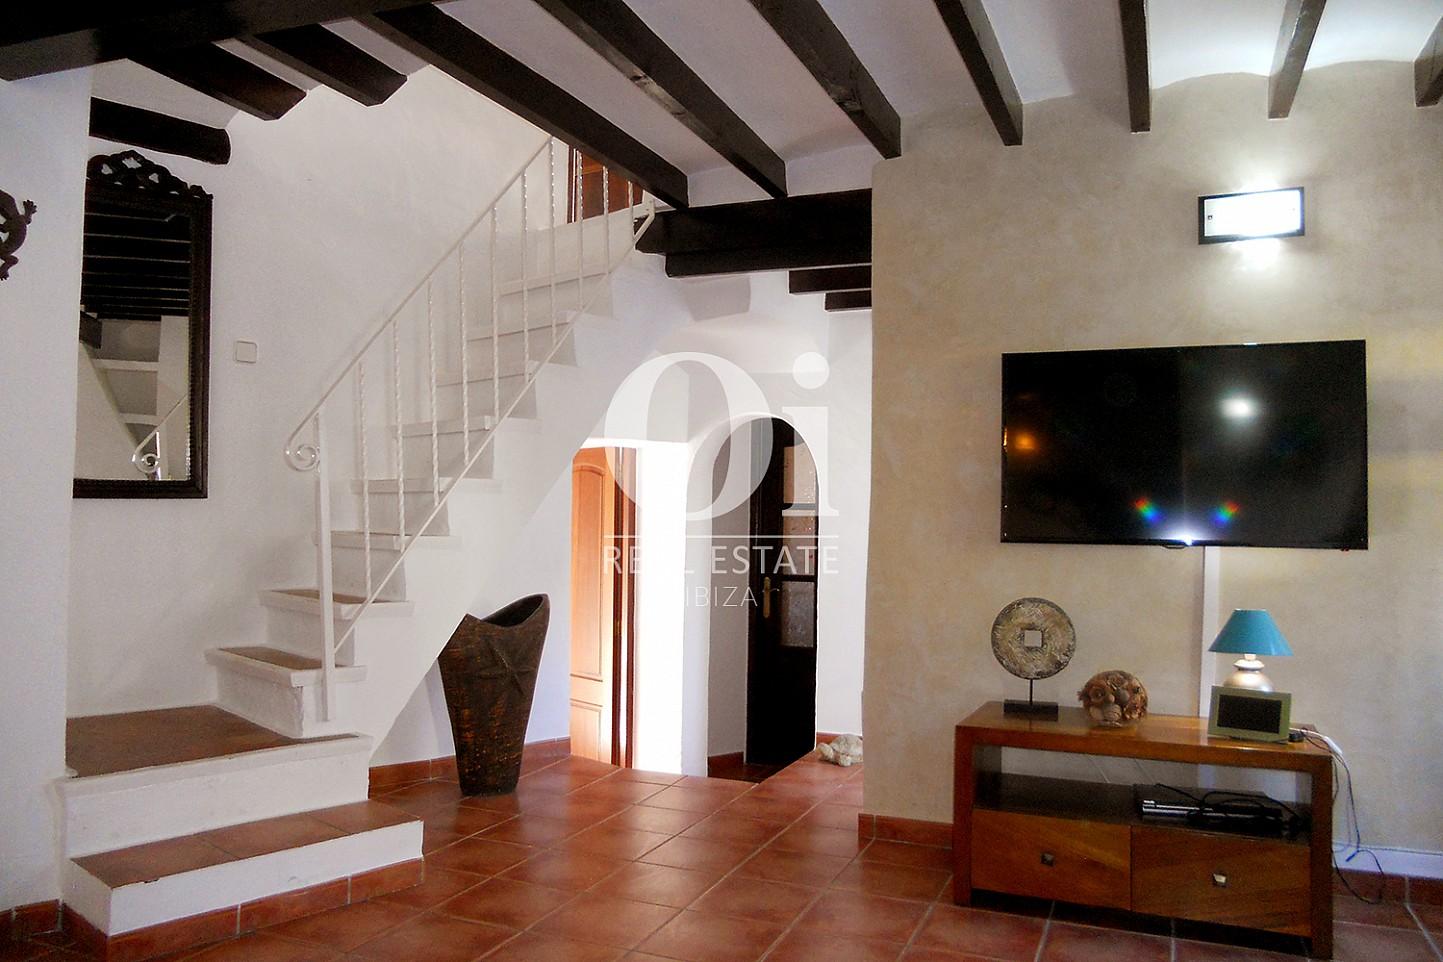 Escalier de maison en vente à Las Salinas, Ibiza